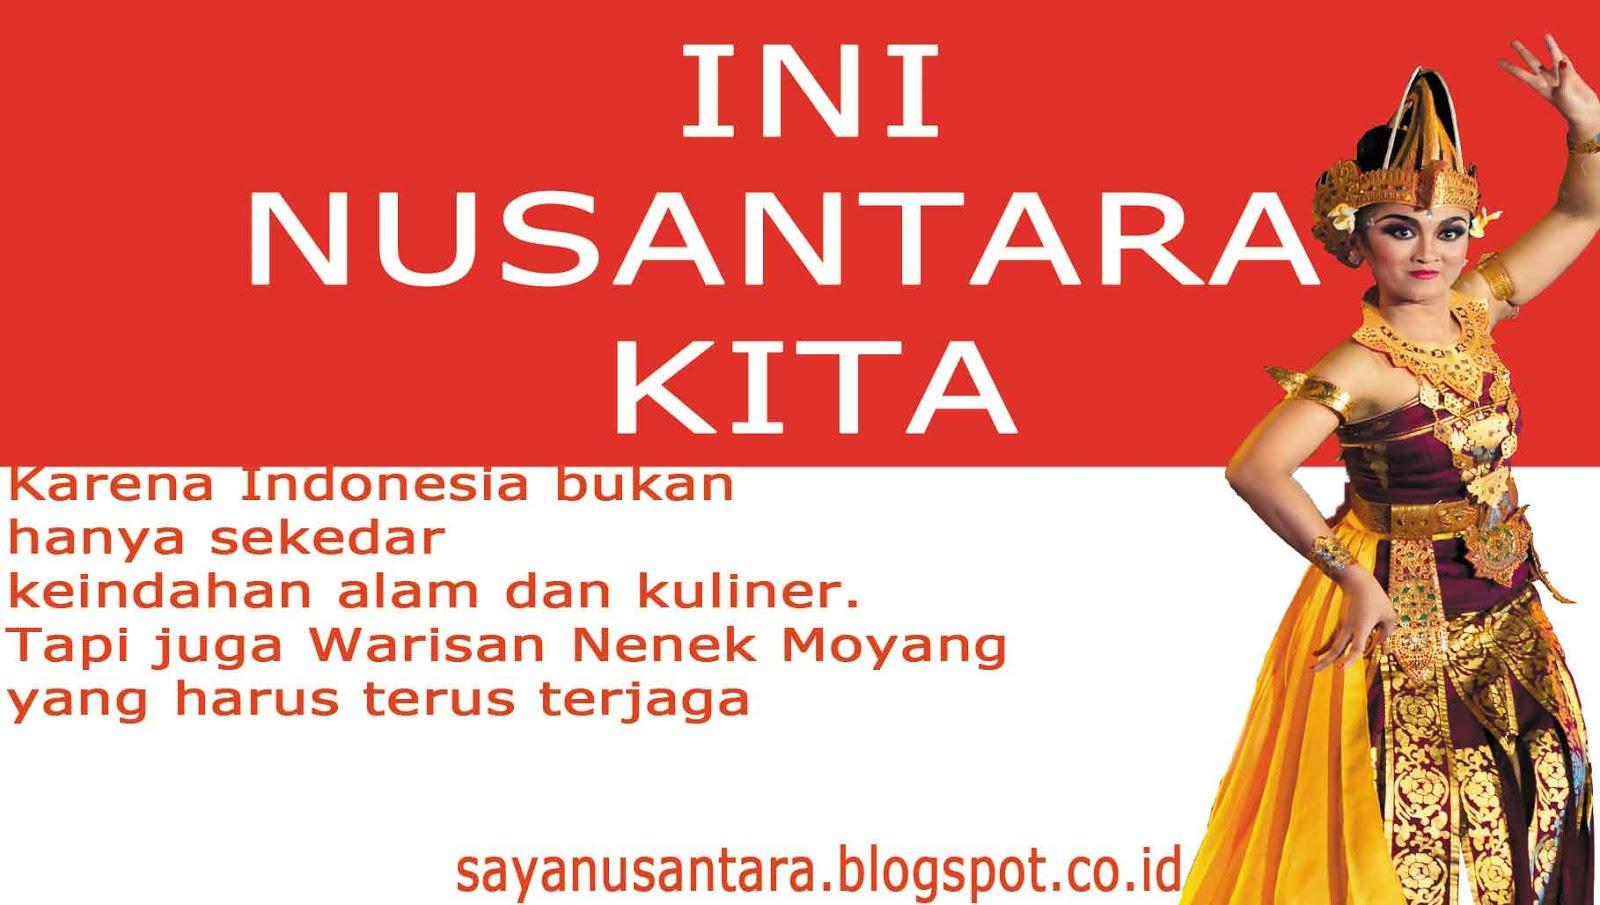 Ini Nusantara Kita